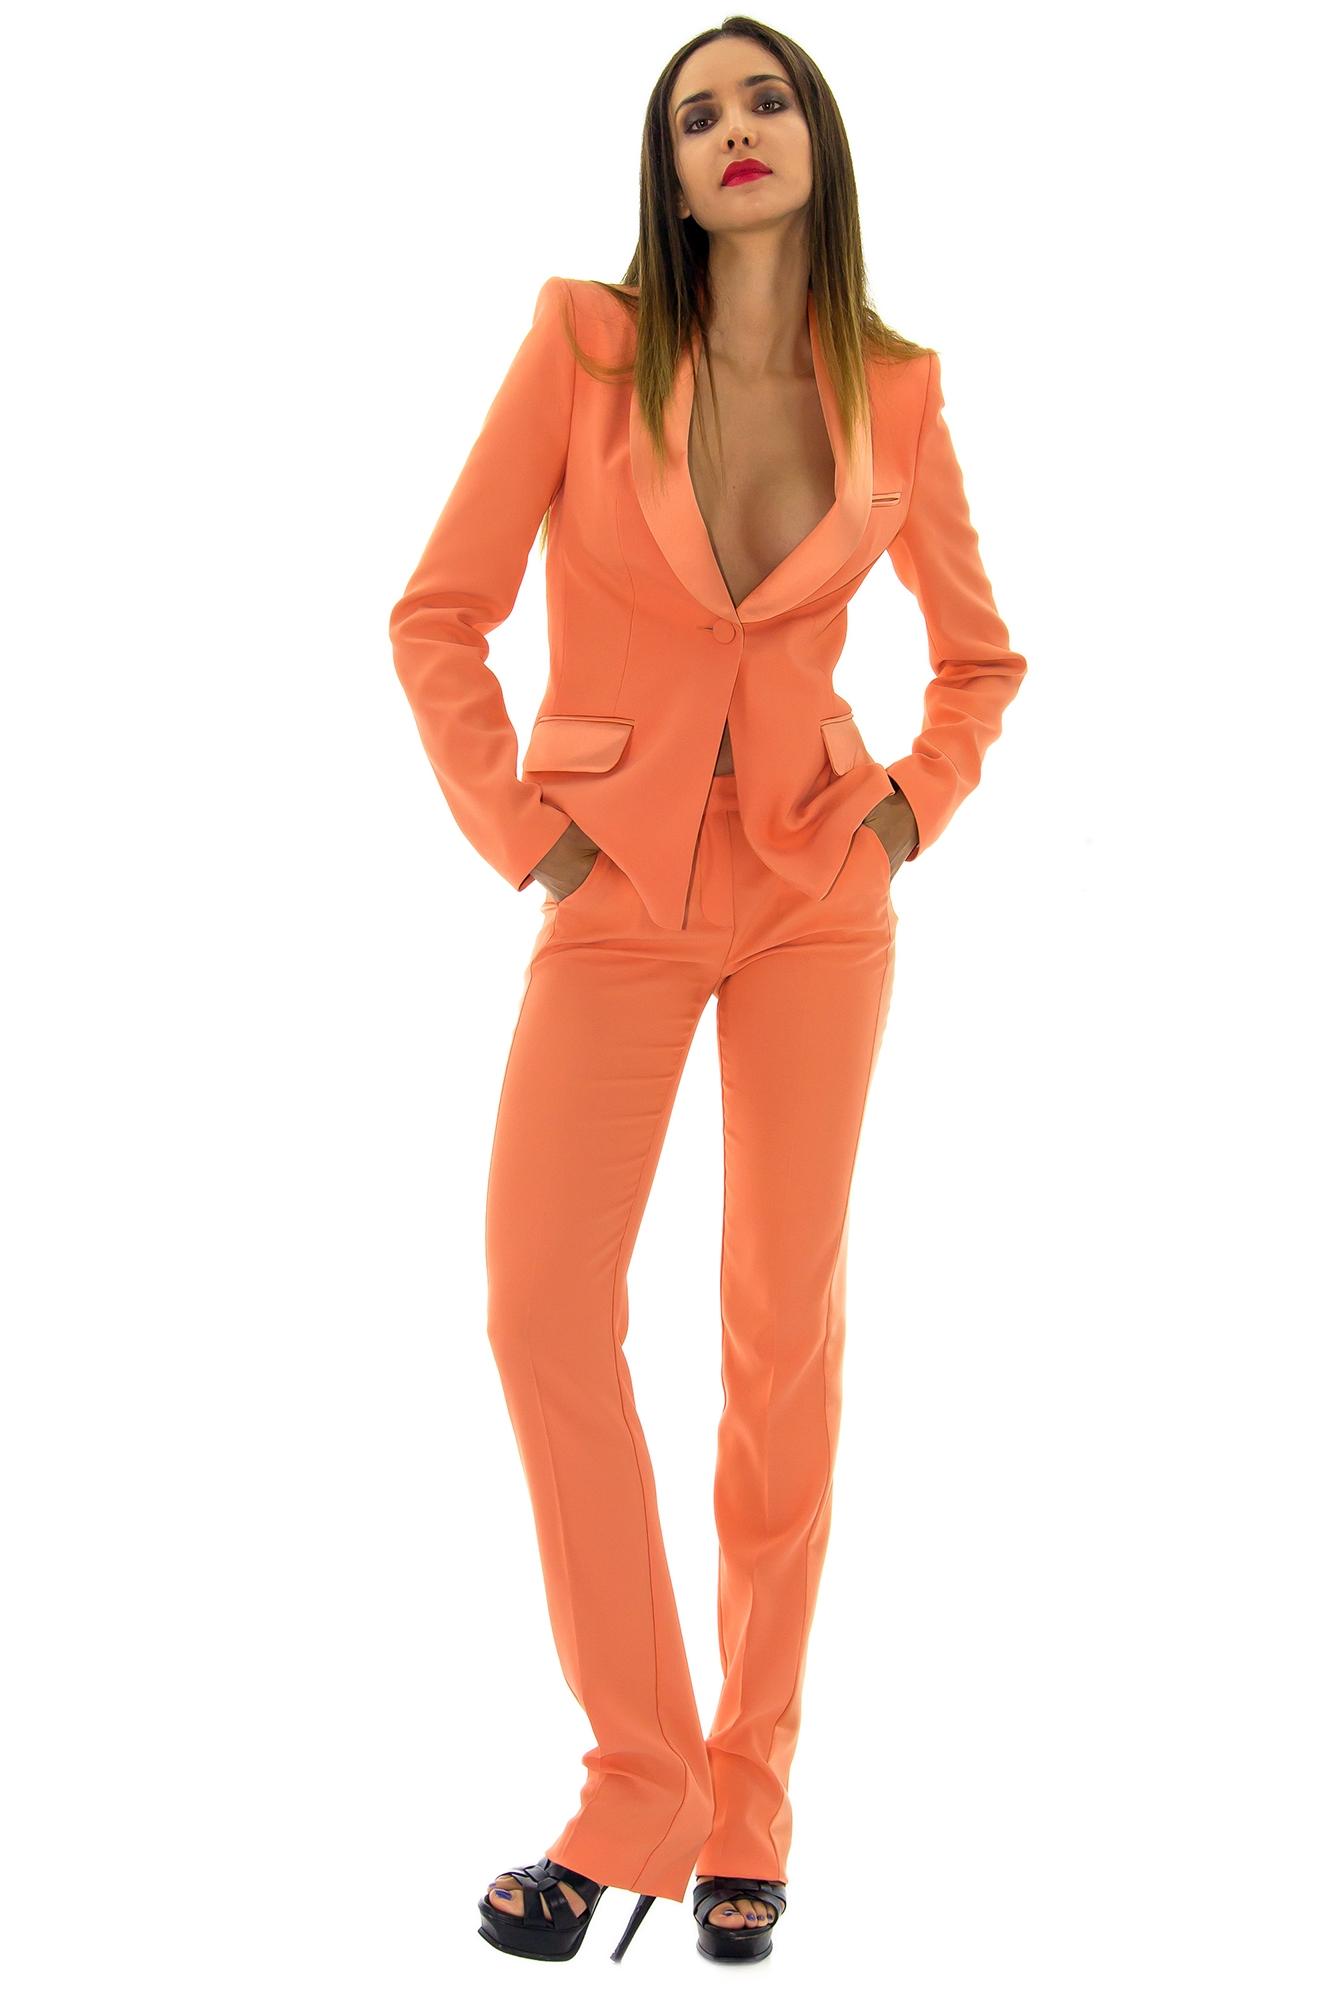 veste de smoking rose orange costume femme le plus grand choix de robes de mari e place du. Black Bedroom Furniture Sets. Home Design Ideas